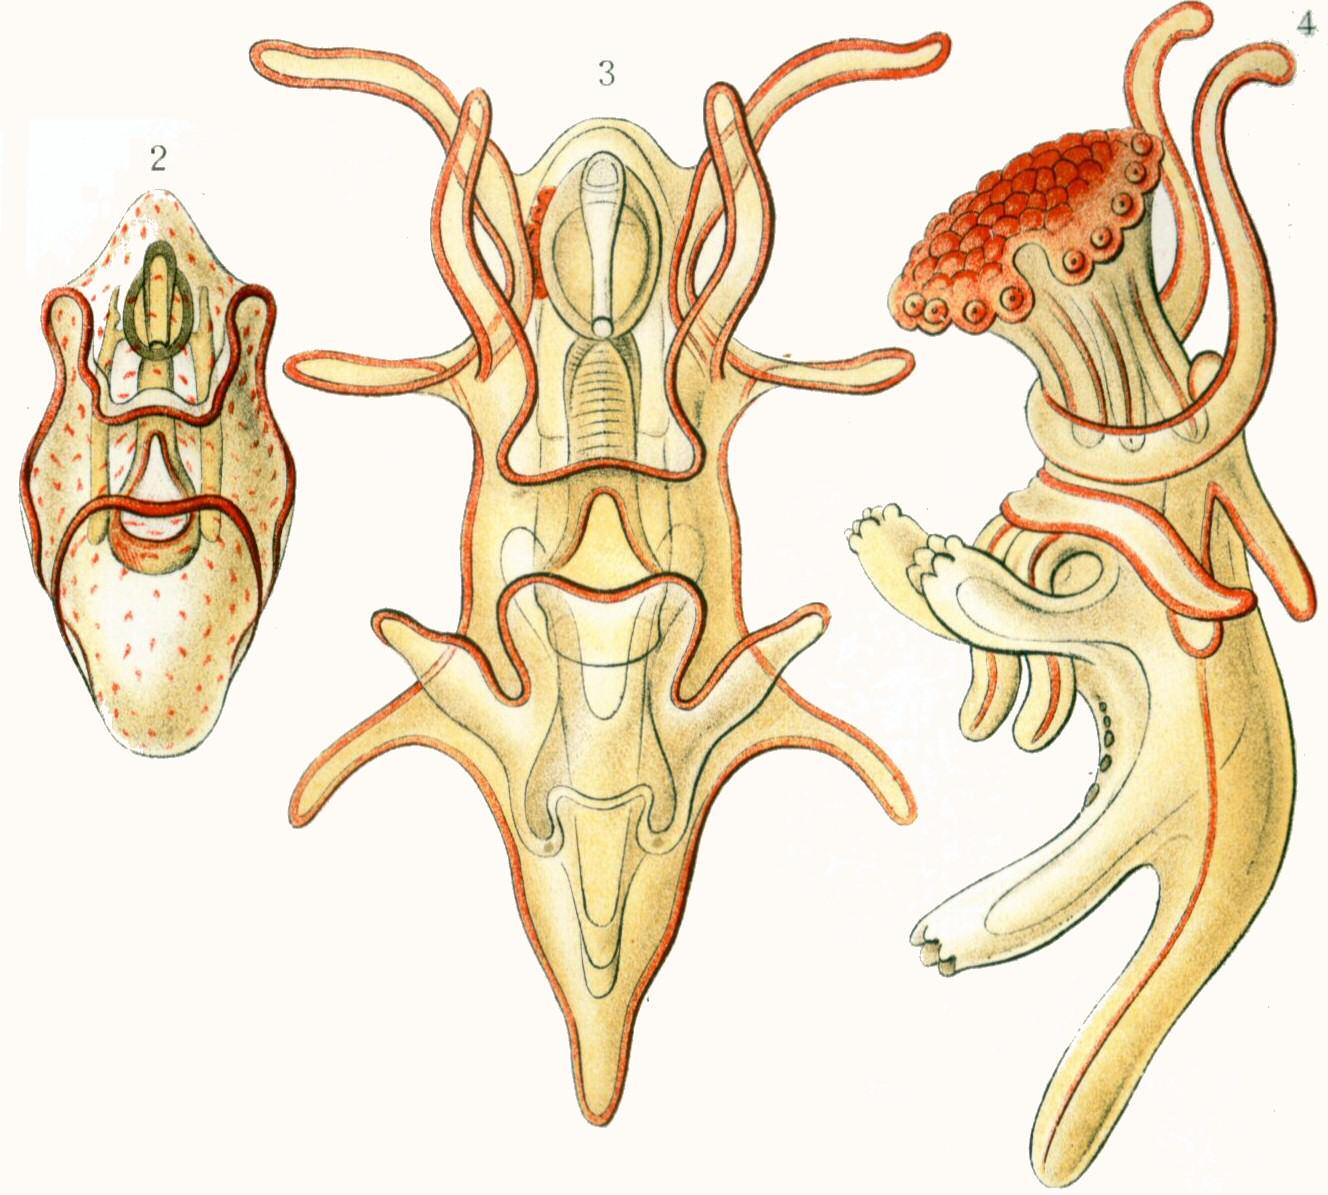 File:Haeckel Asteridea Larvae.jpg - Wikimedia Commons